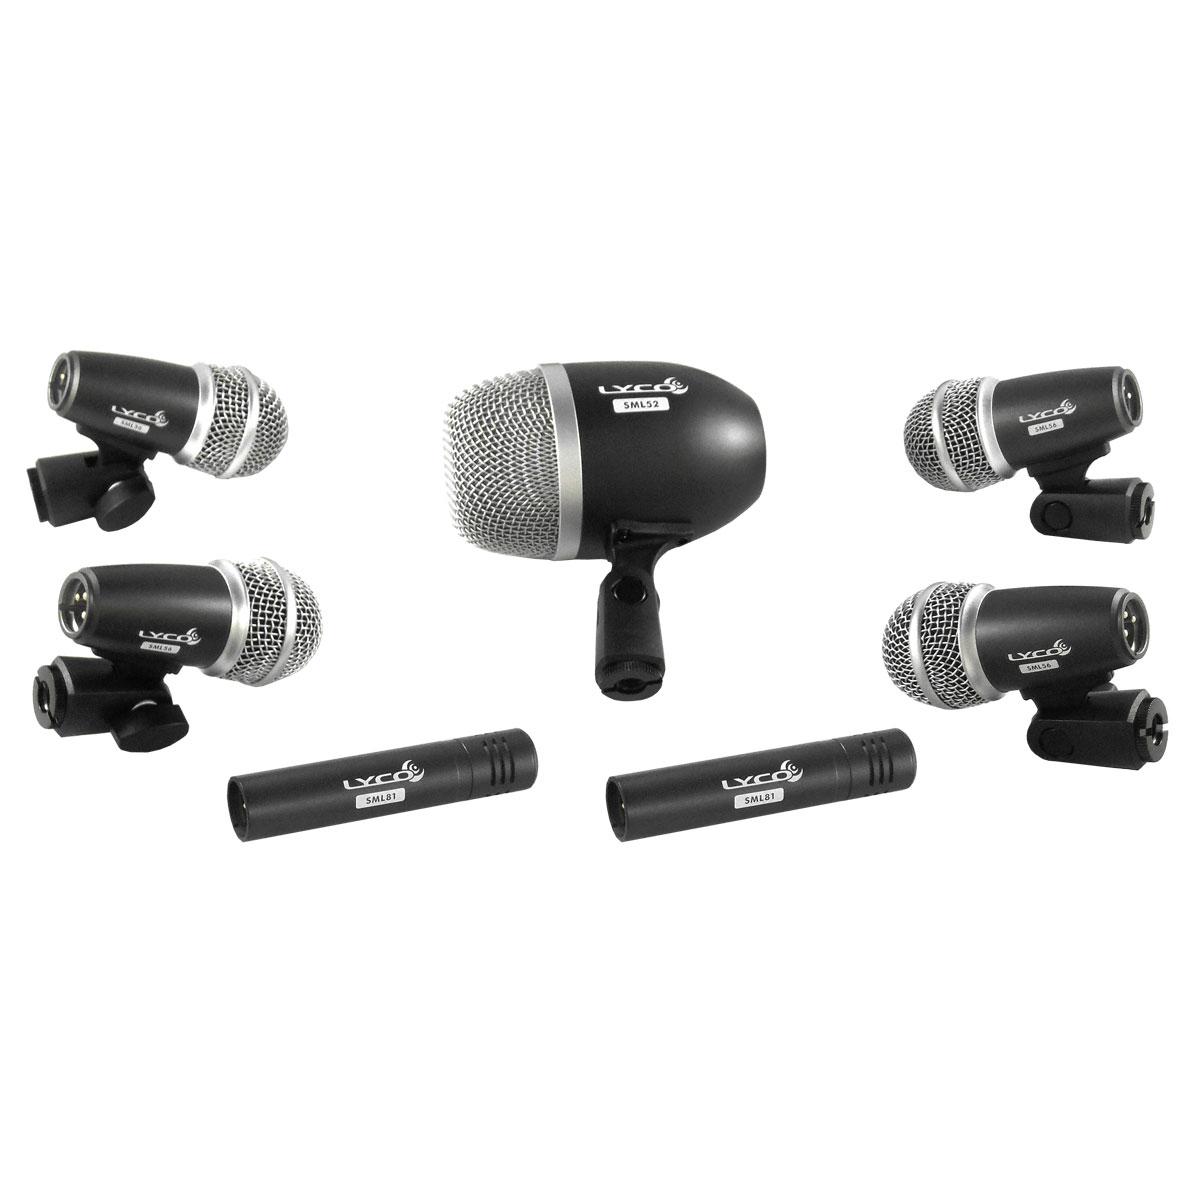 Microfone c/ Fio p/ Bateria (7 Unidades) LDK 7 PRO - Lyco